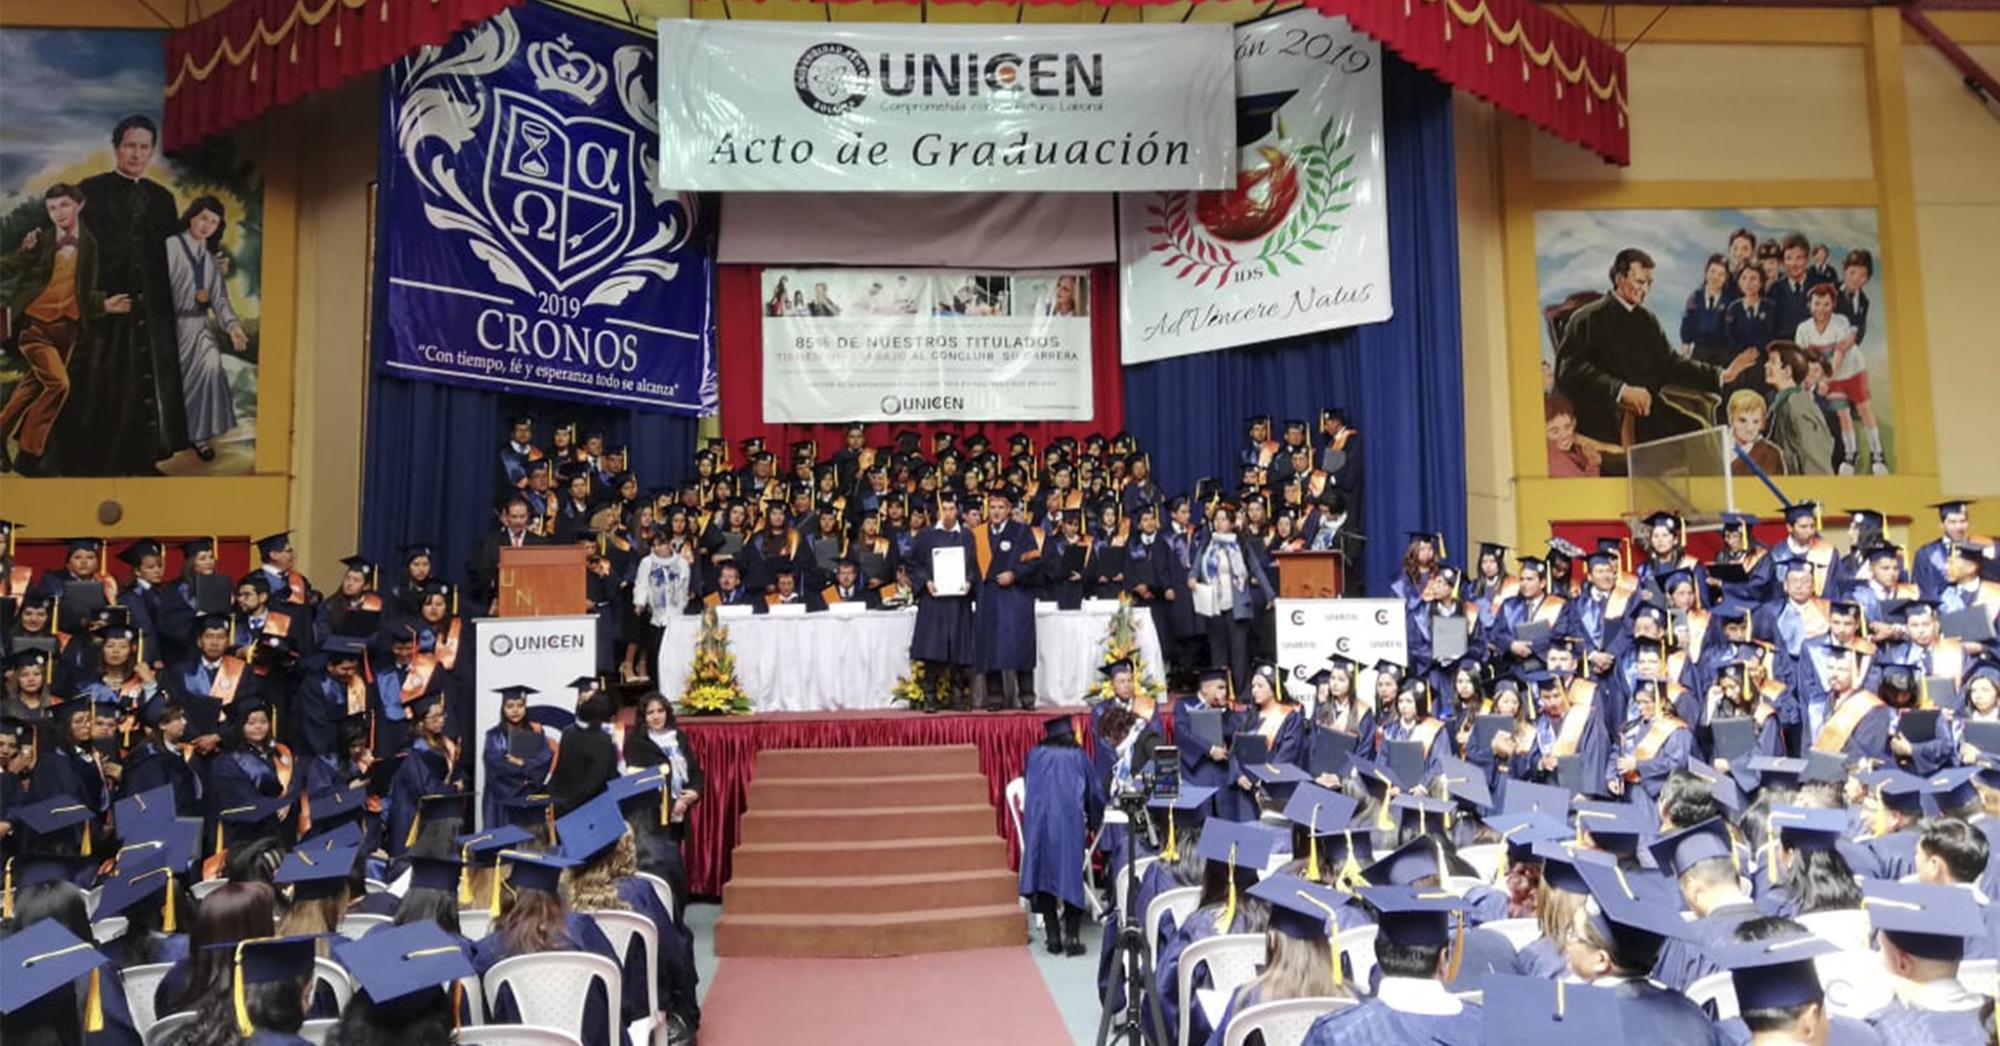 En solemne acto de graduación egresaron y se titularon más de 350 universitarios